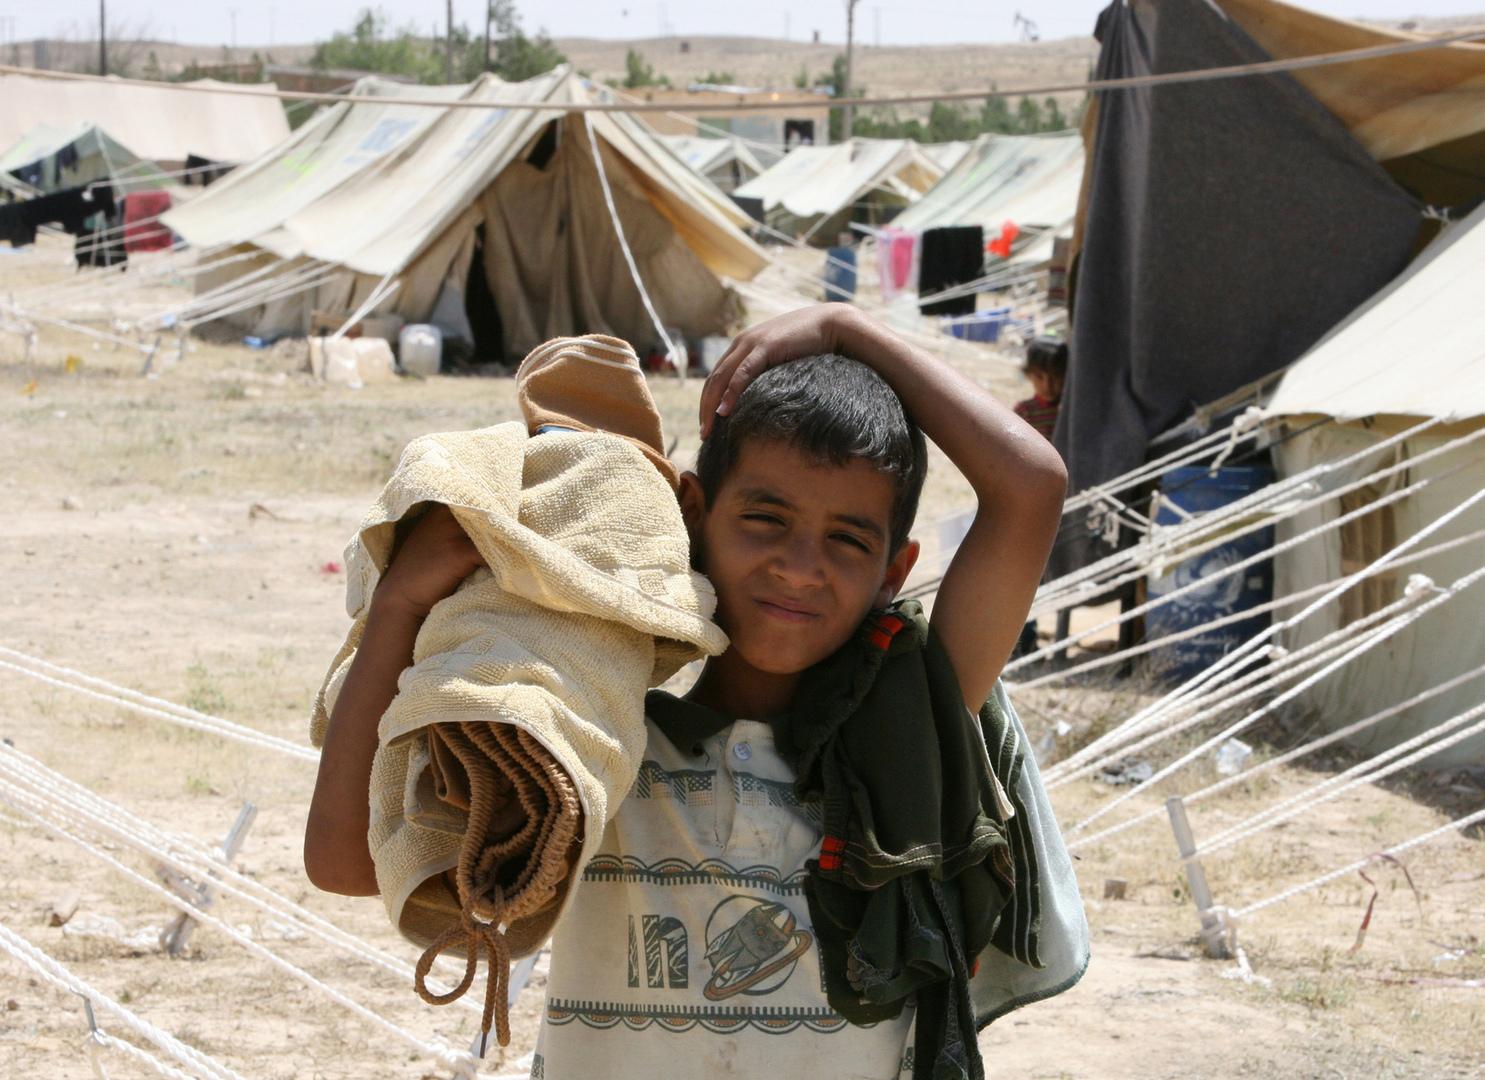 العراق.. الاستخبارات تعتقل عنصرا ينقل عائلات  داعش  من سوريا إلى العراق -